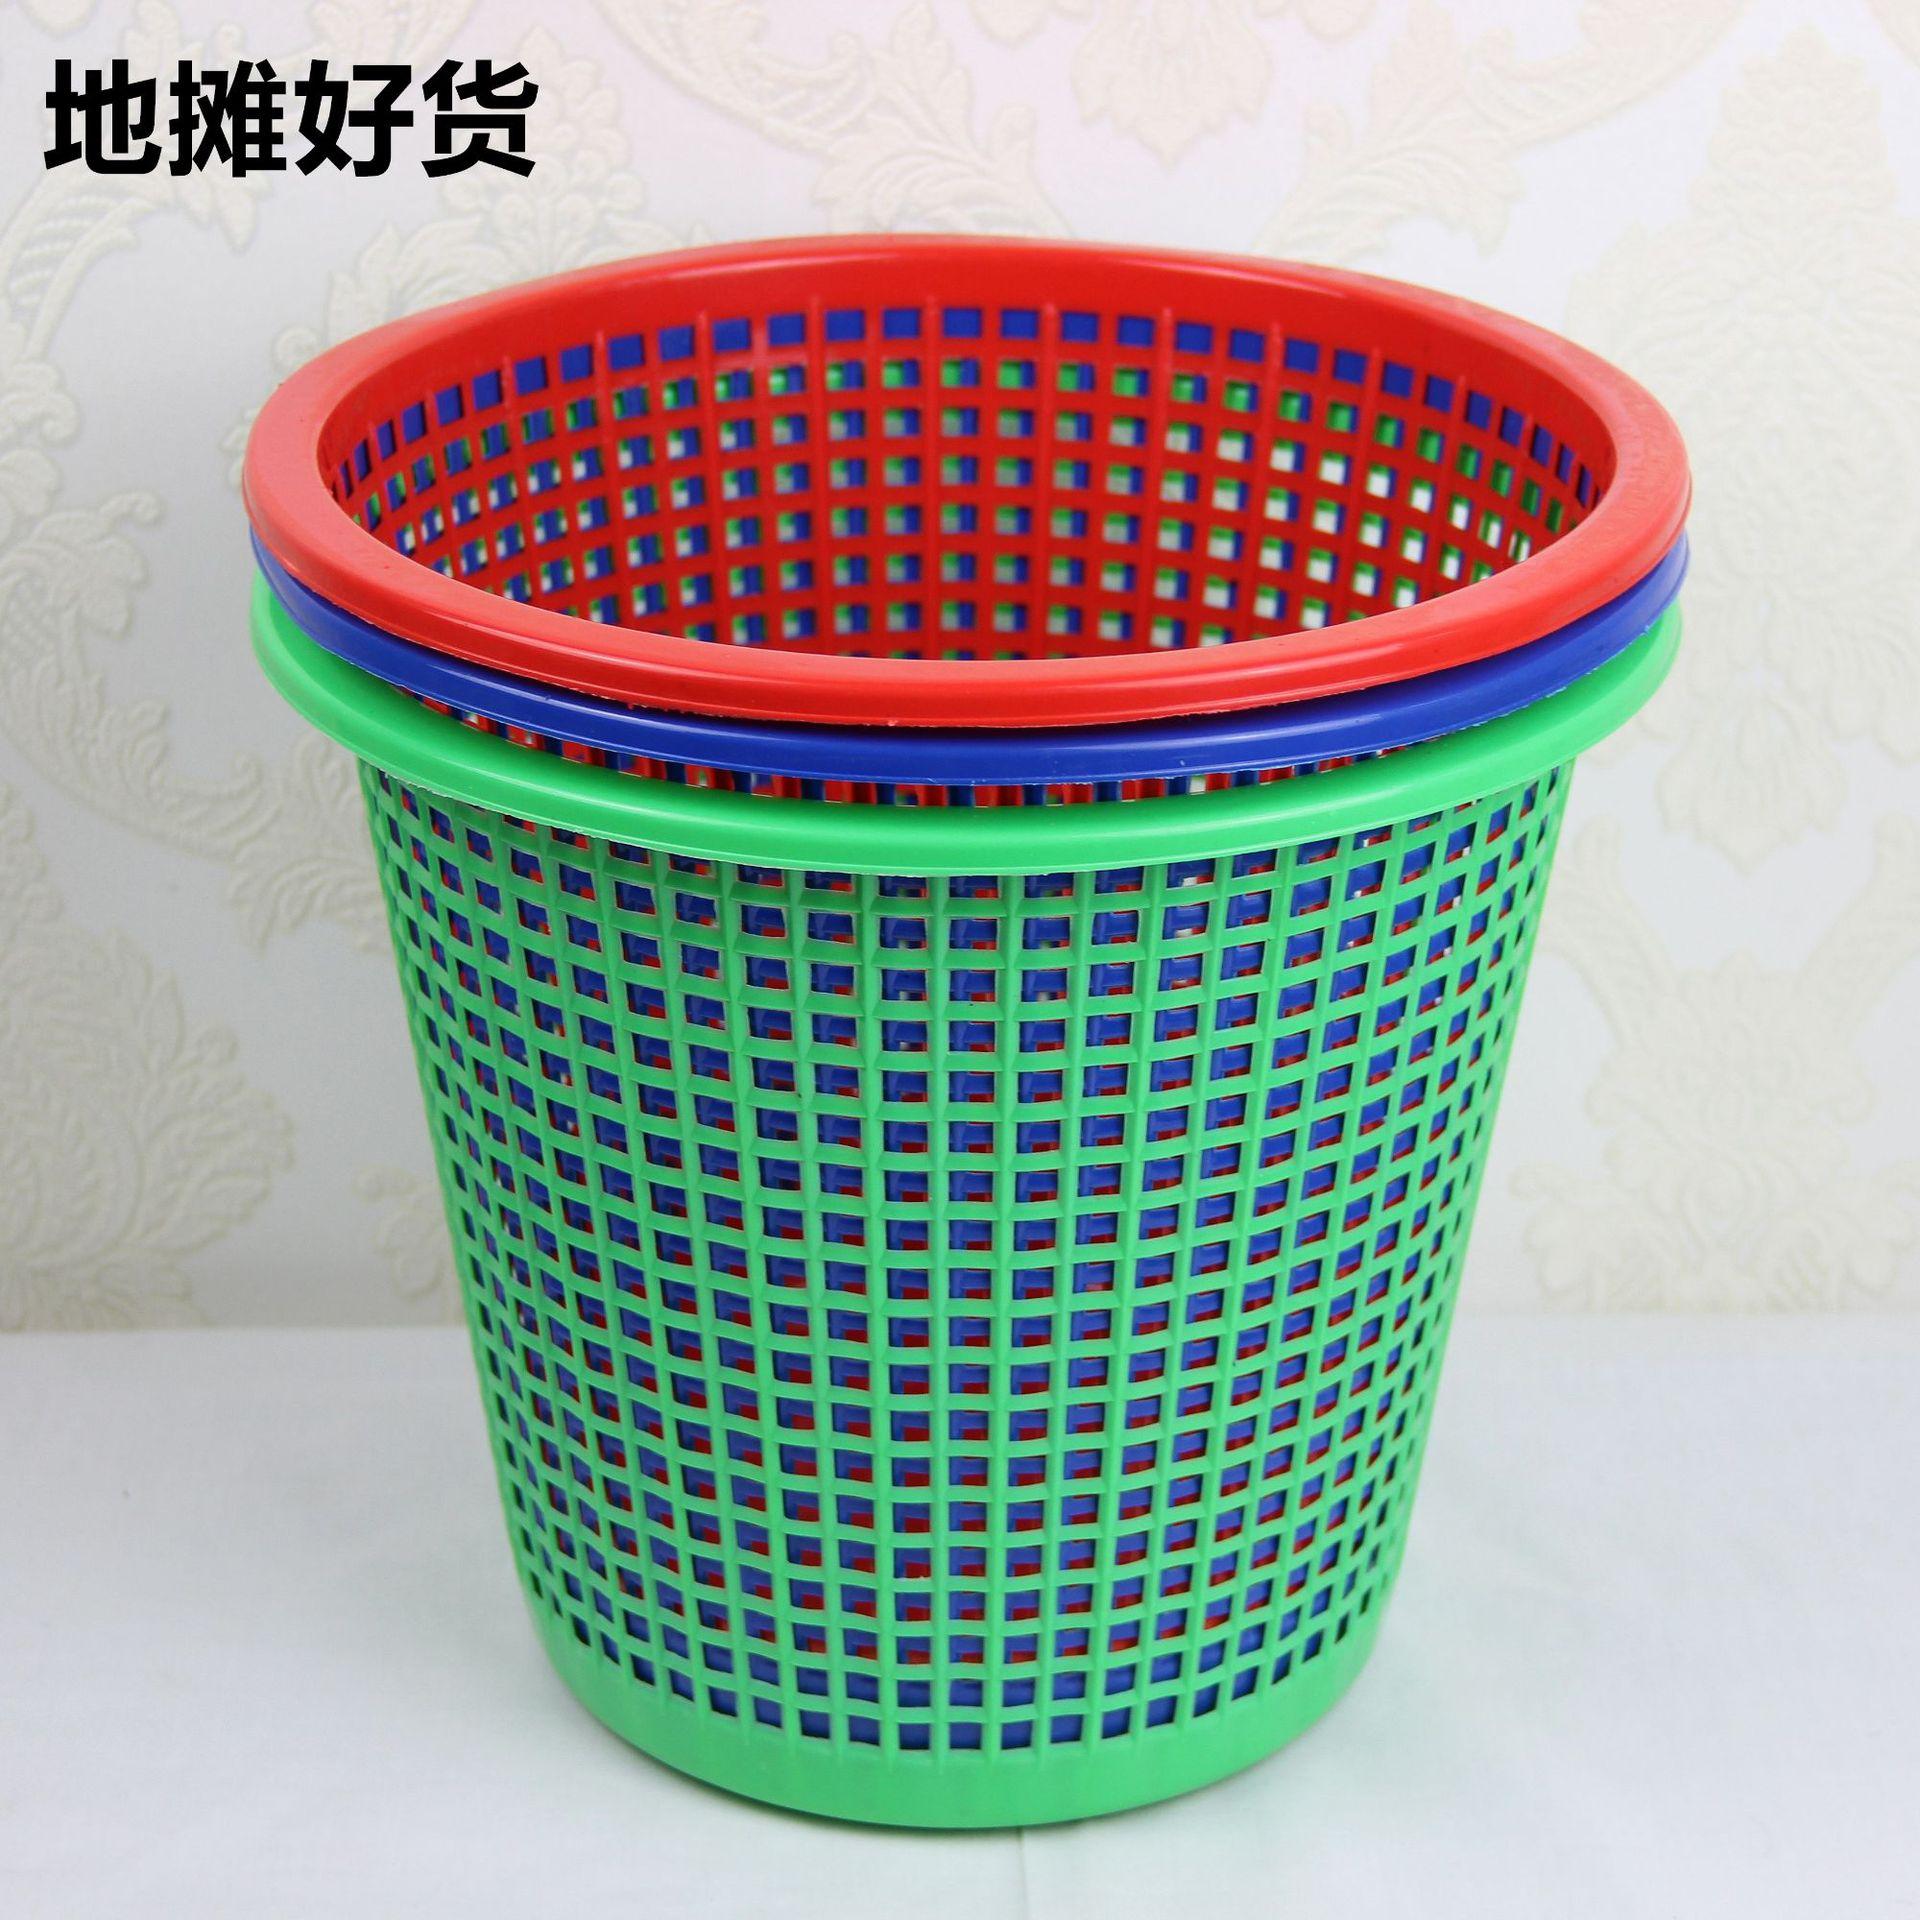 促销家用塑料镂空垃圾桶办公室卫生间圆形无盖纸篓二元店地摊批发